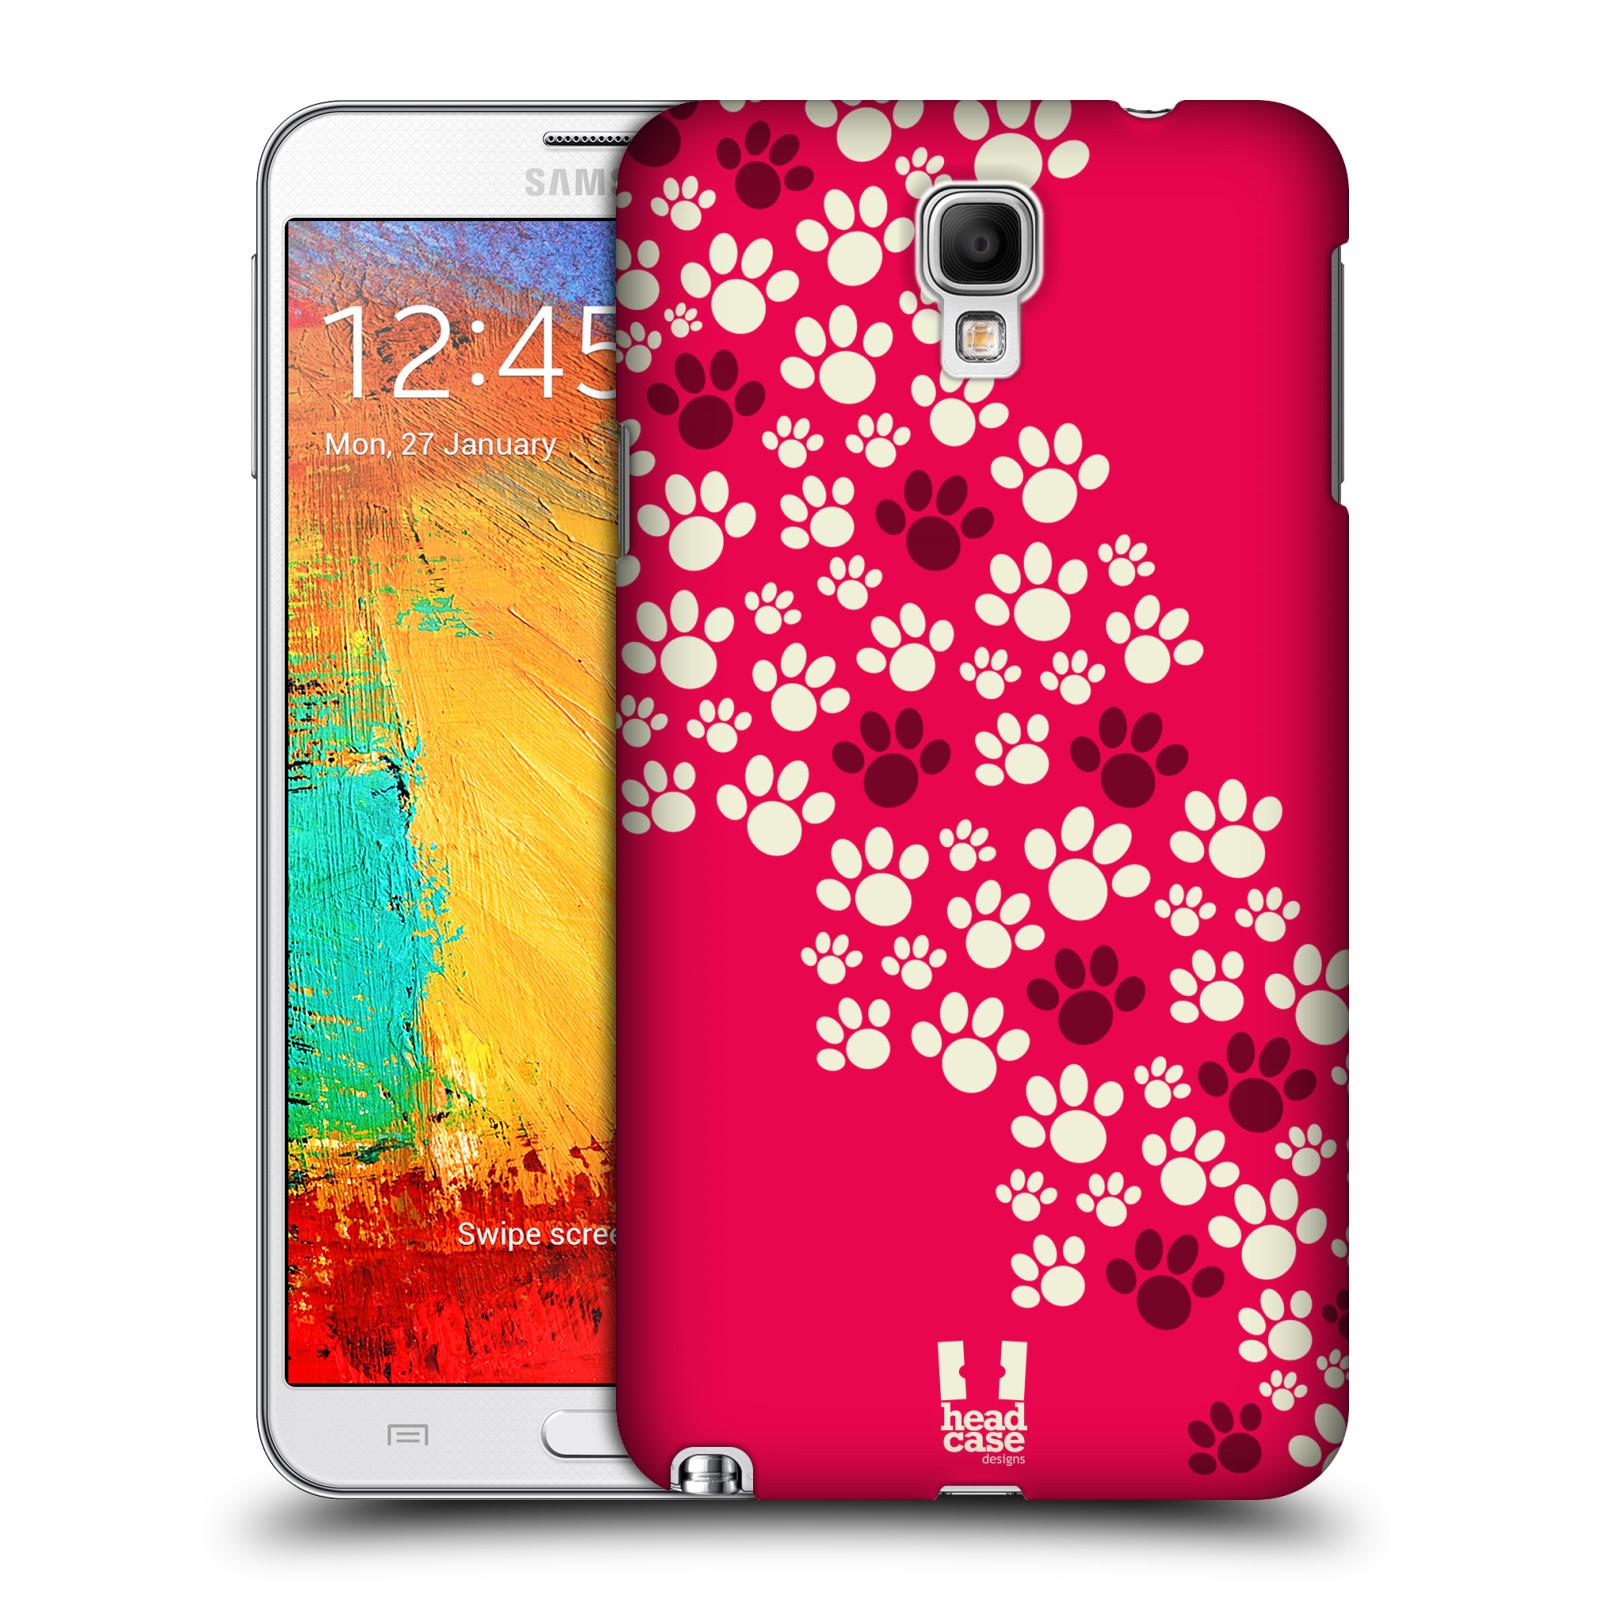 Plastové pouzdro na mobil Samsung Galaxy Note 3 Neo HEAD CASE TLAPKY RŮŽOVÉ (Kryt či obal na mobilní telefon Samsung Galaxy Note 3 Neo SM-N7505)